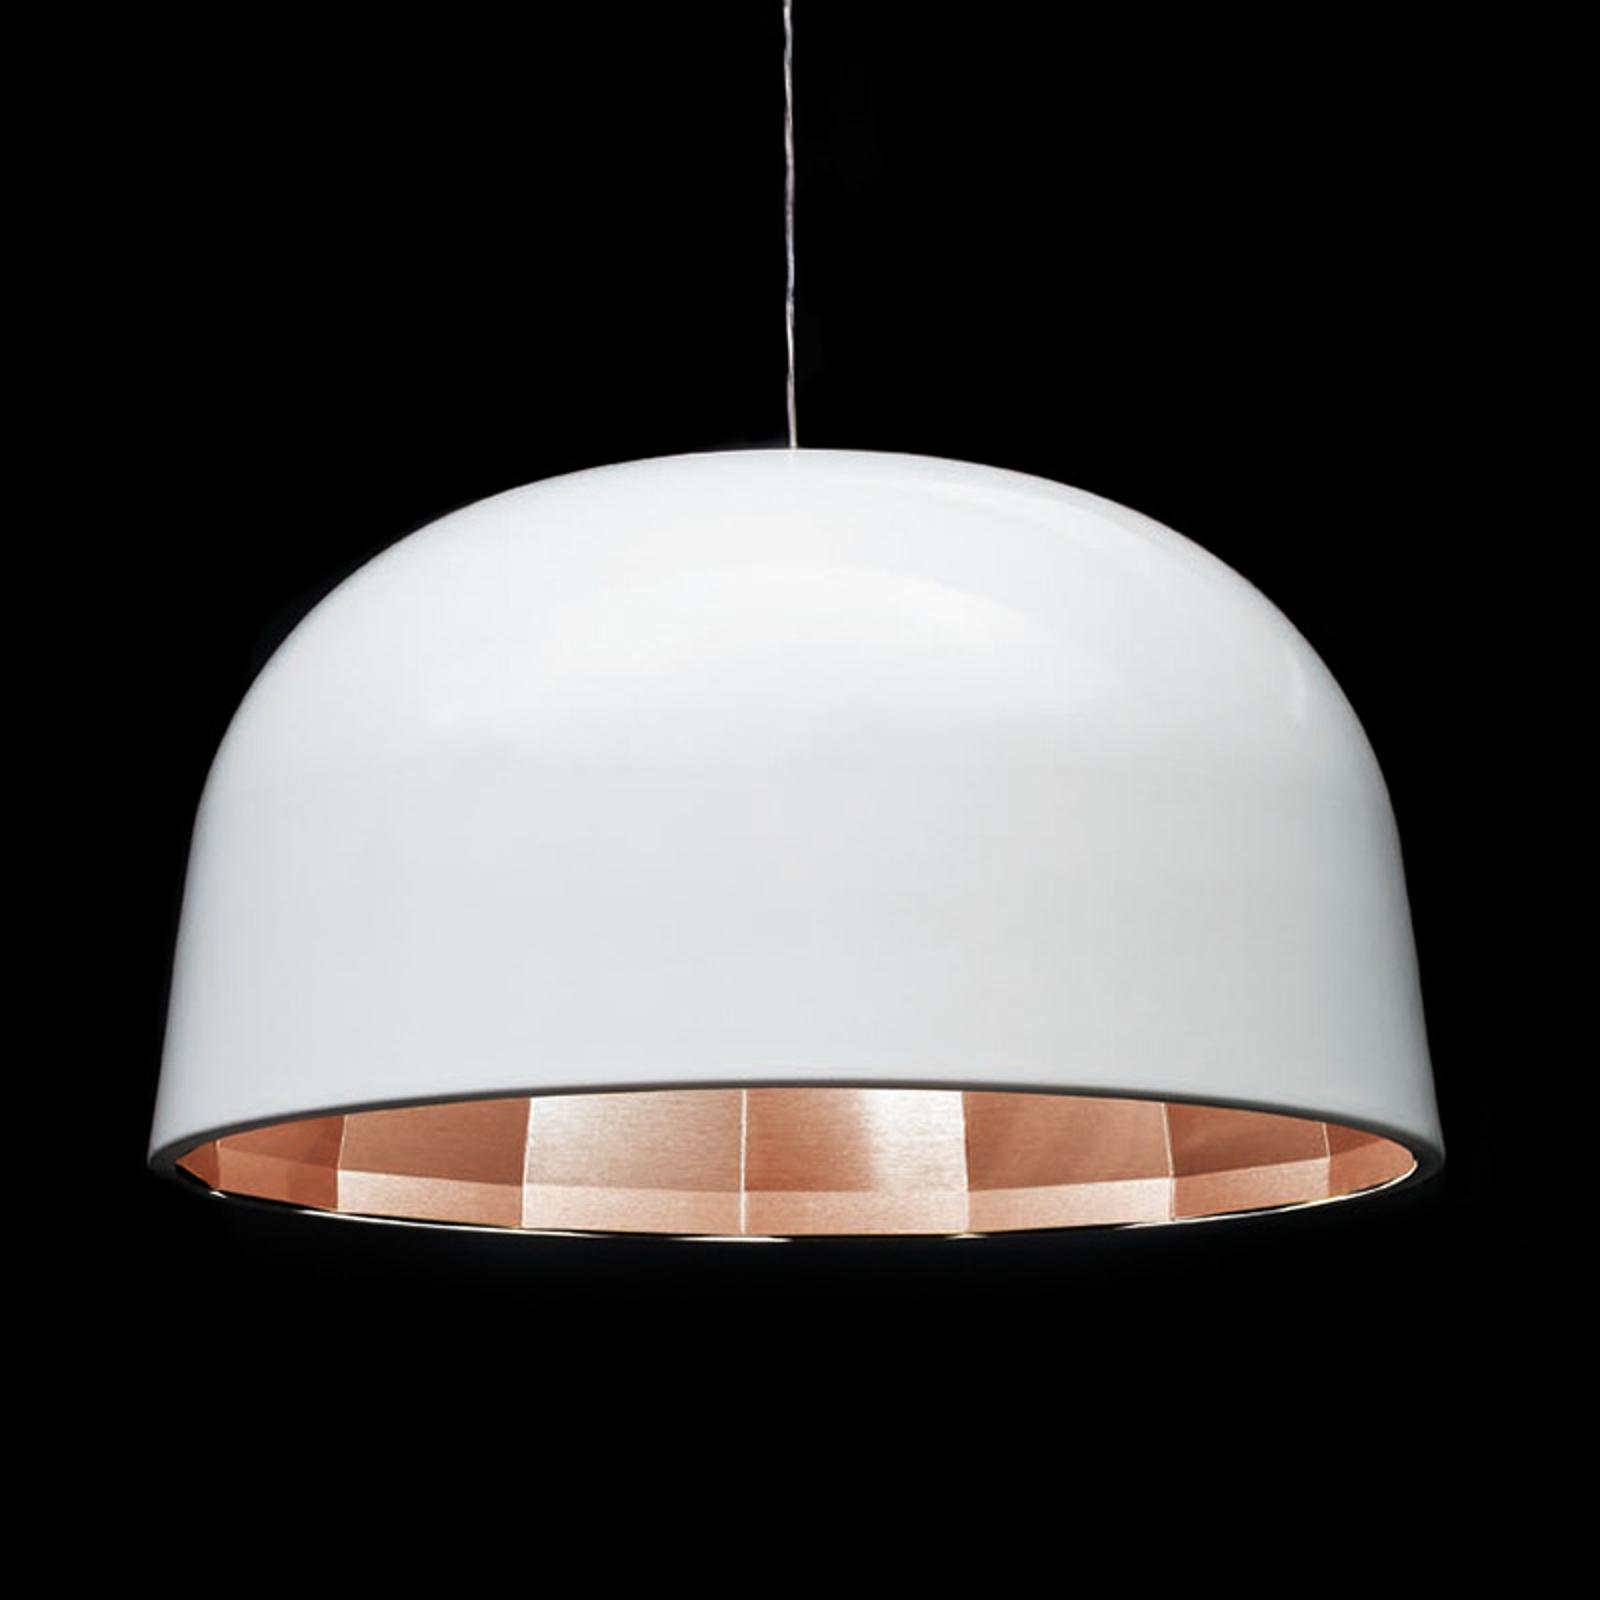 Oluce Empty - lampa wisząca LED biała, 59 cm